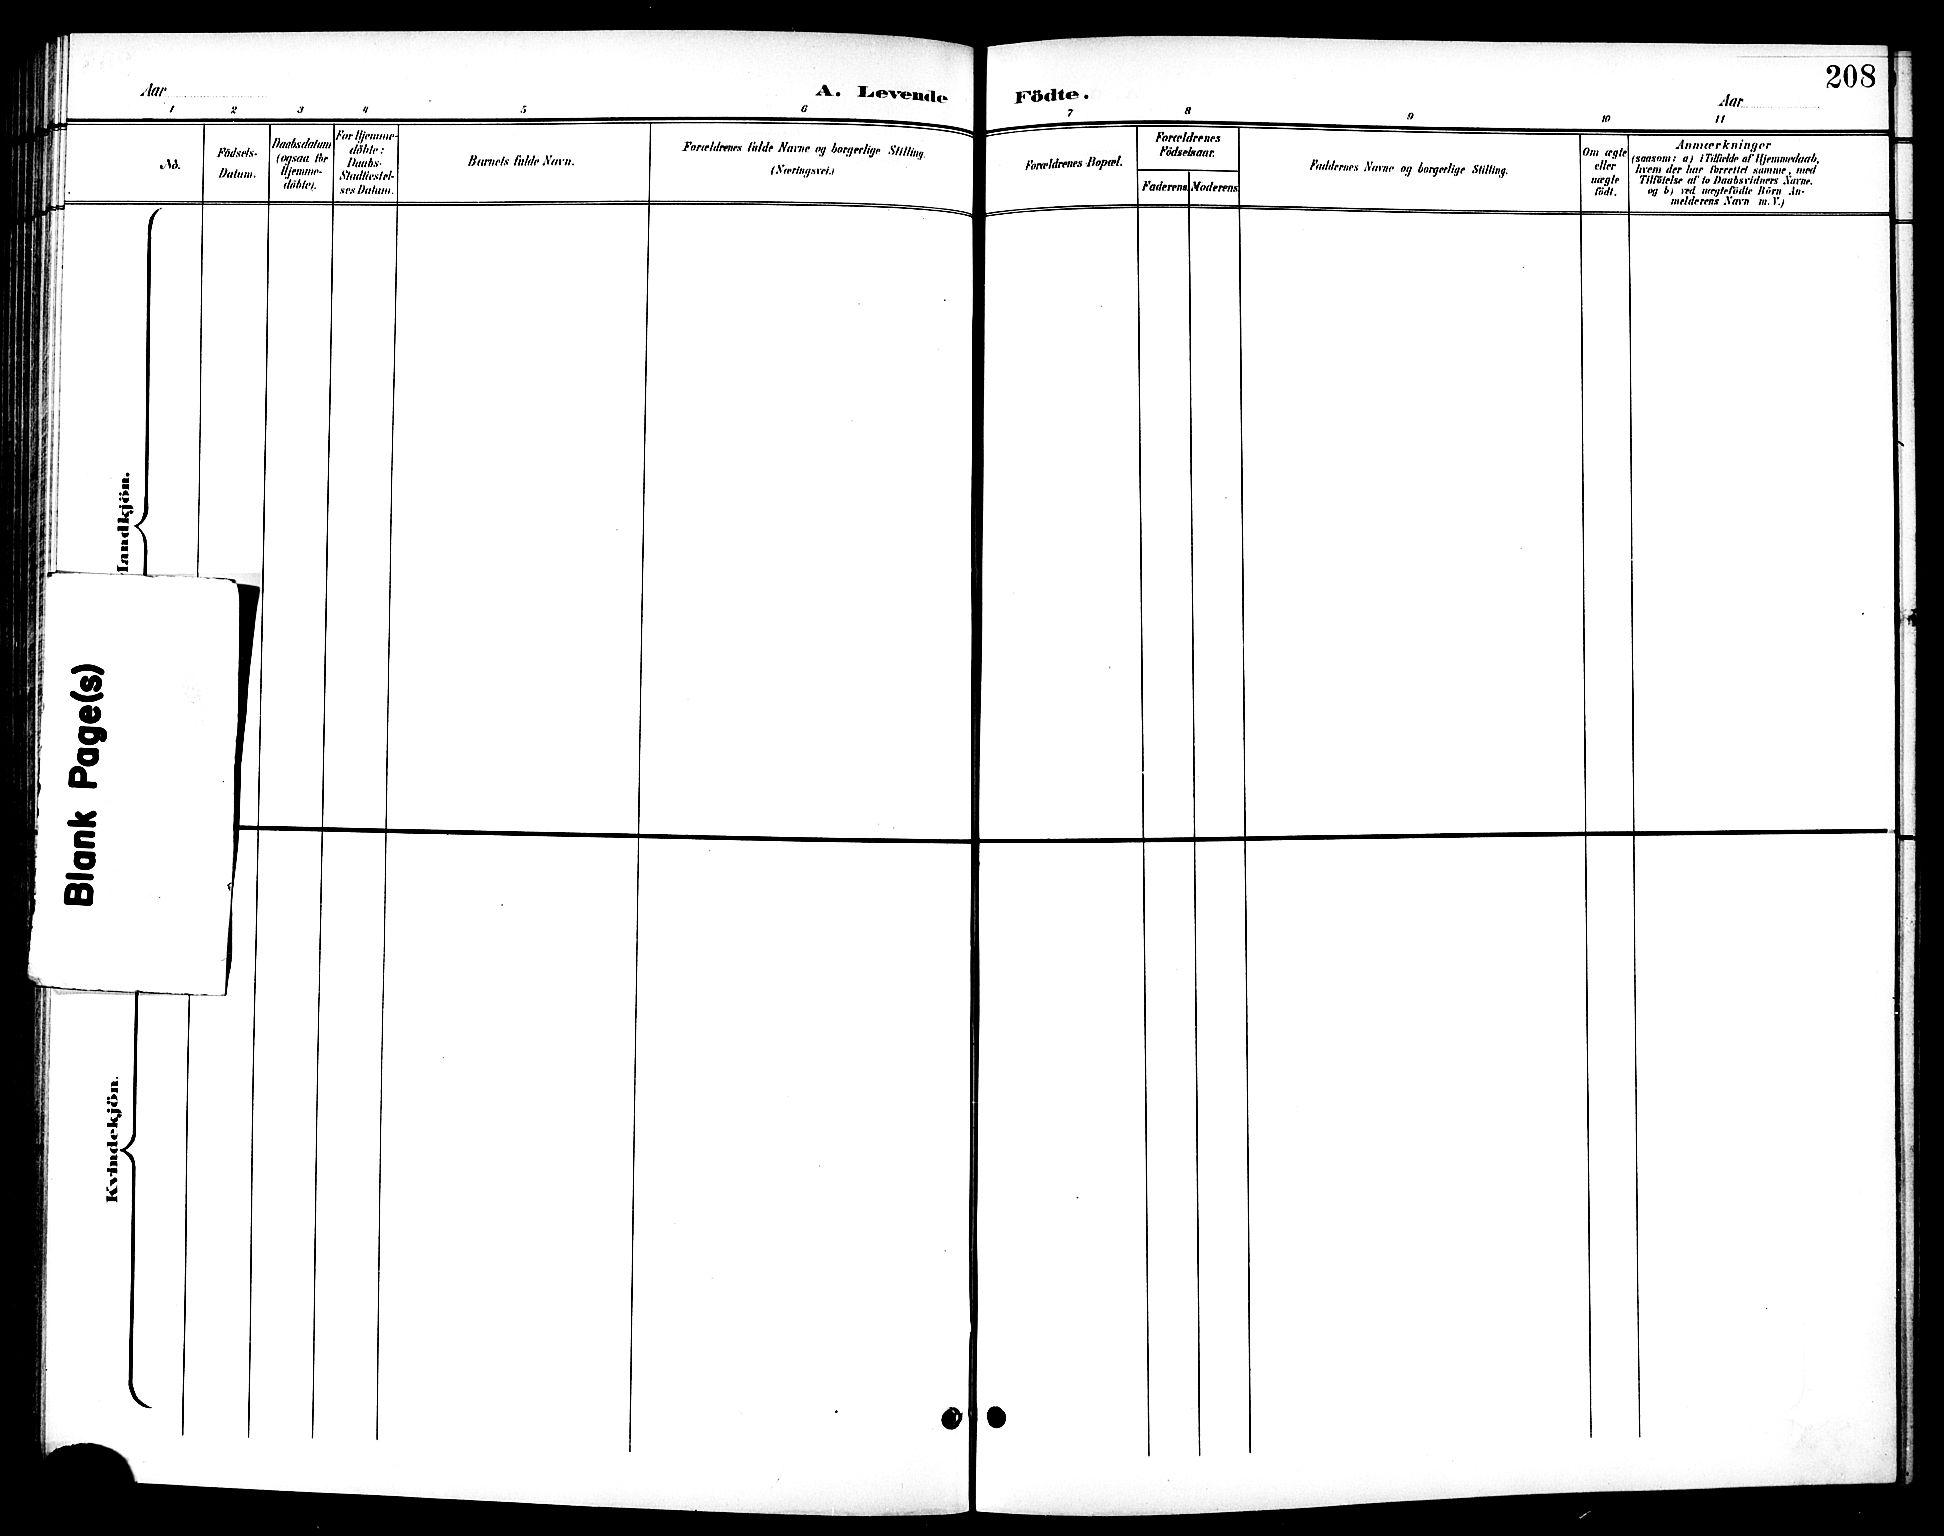 SAT, Ministerialprotokoller, klokkerbøker og fødselsregistre - Sør-Trøndelag, 601/L0094: Klokkerbok nr. 601C12, 1898-1911, s. 208